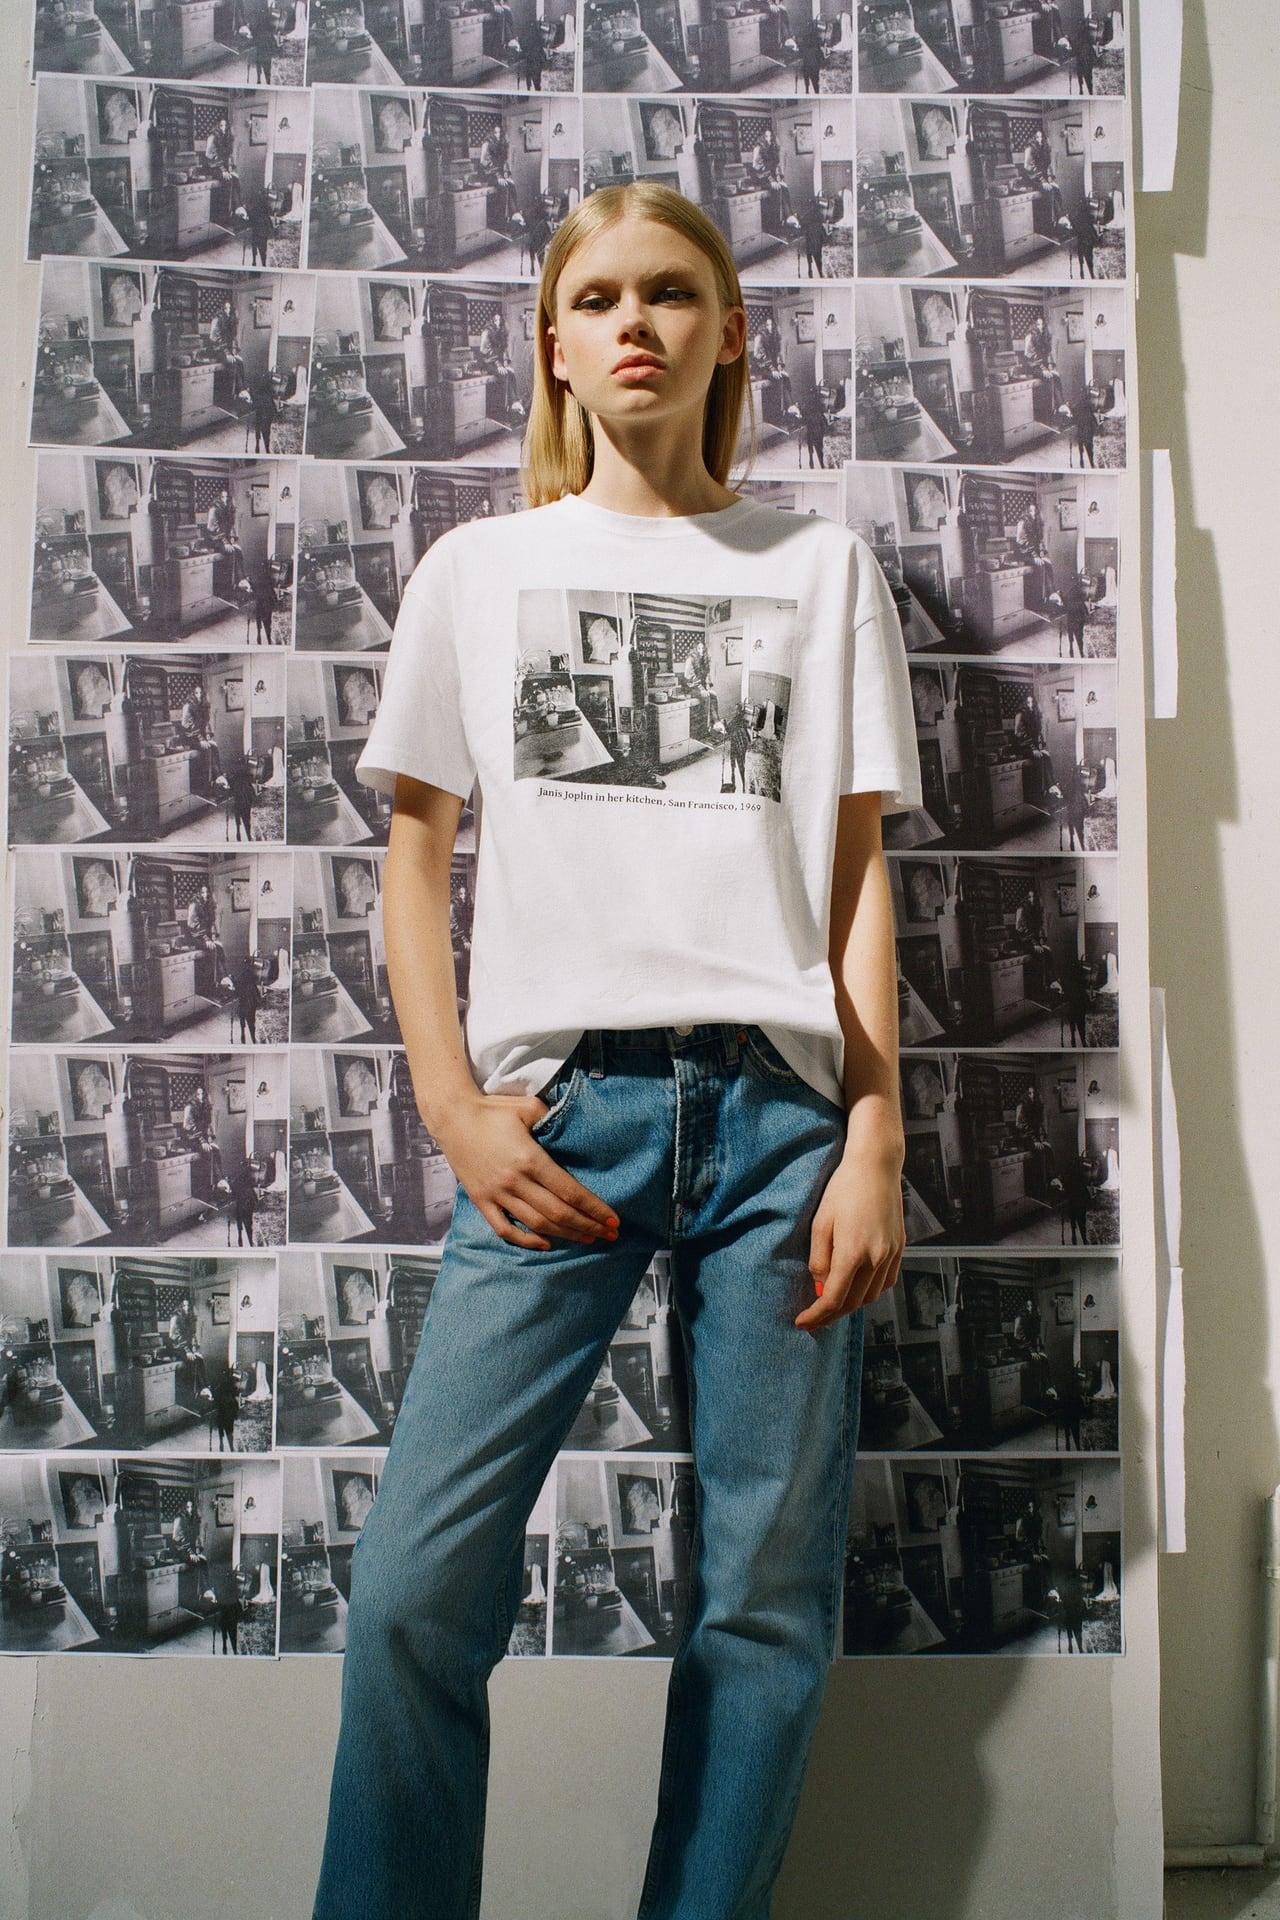 Zara rescata a grandes iconos de la cultura del siglo XX para plasmarlos en camisetas